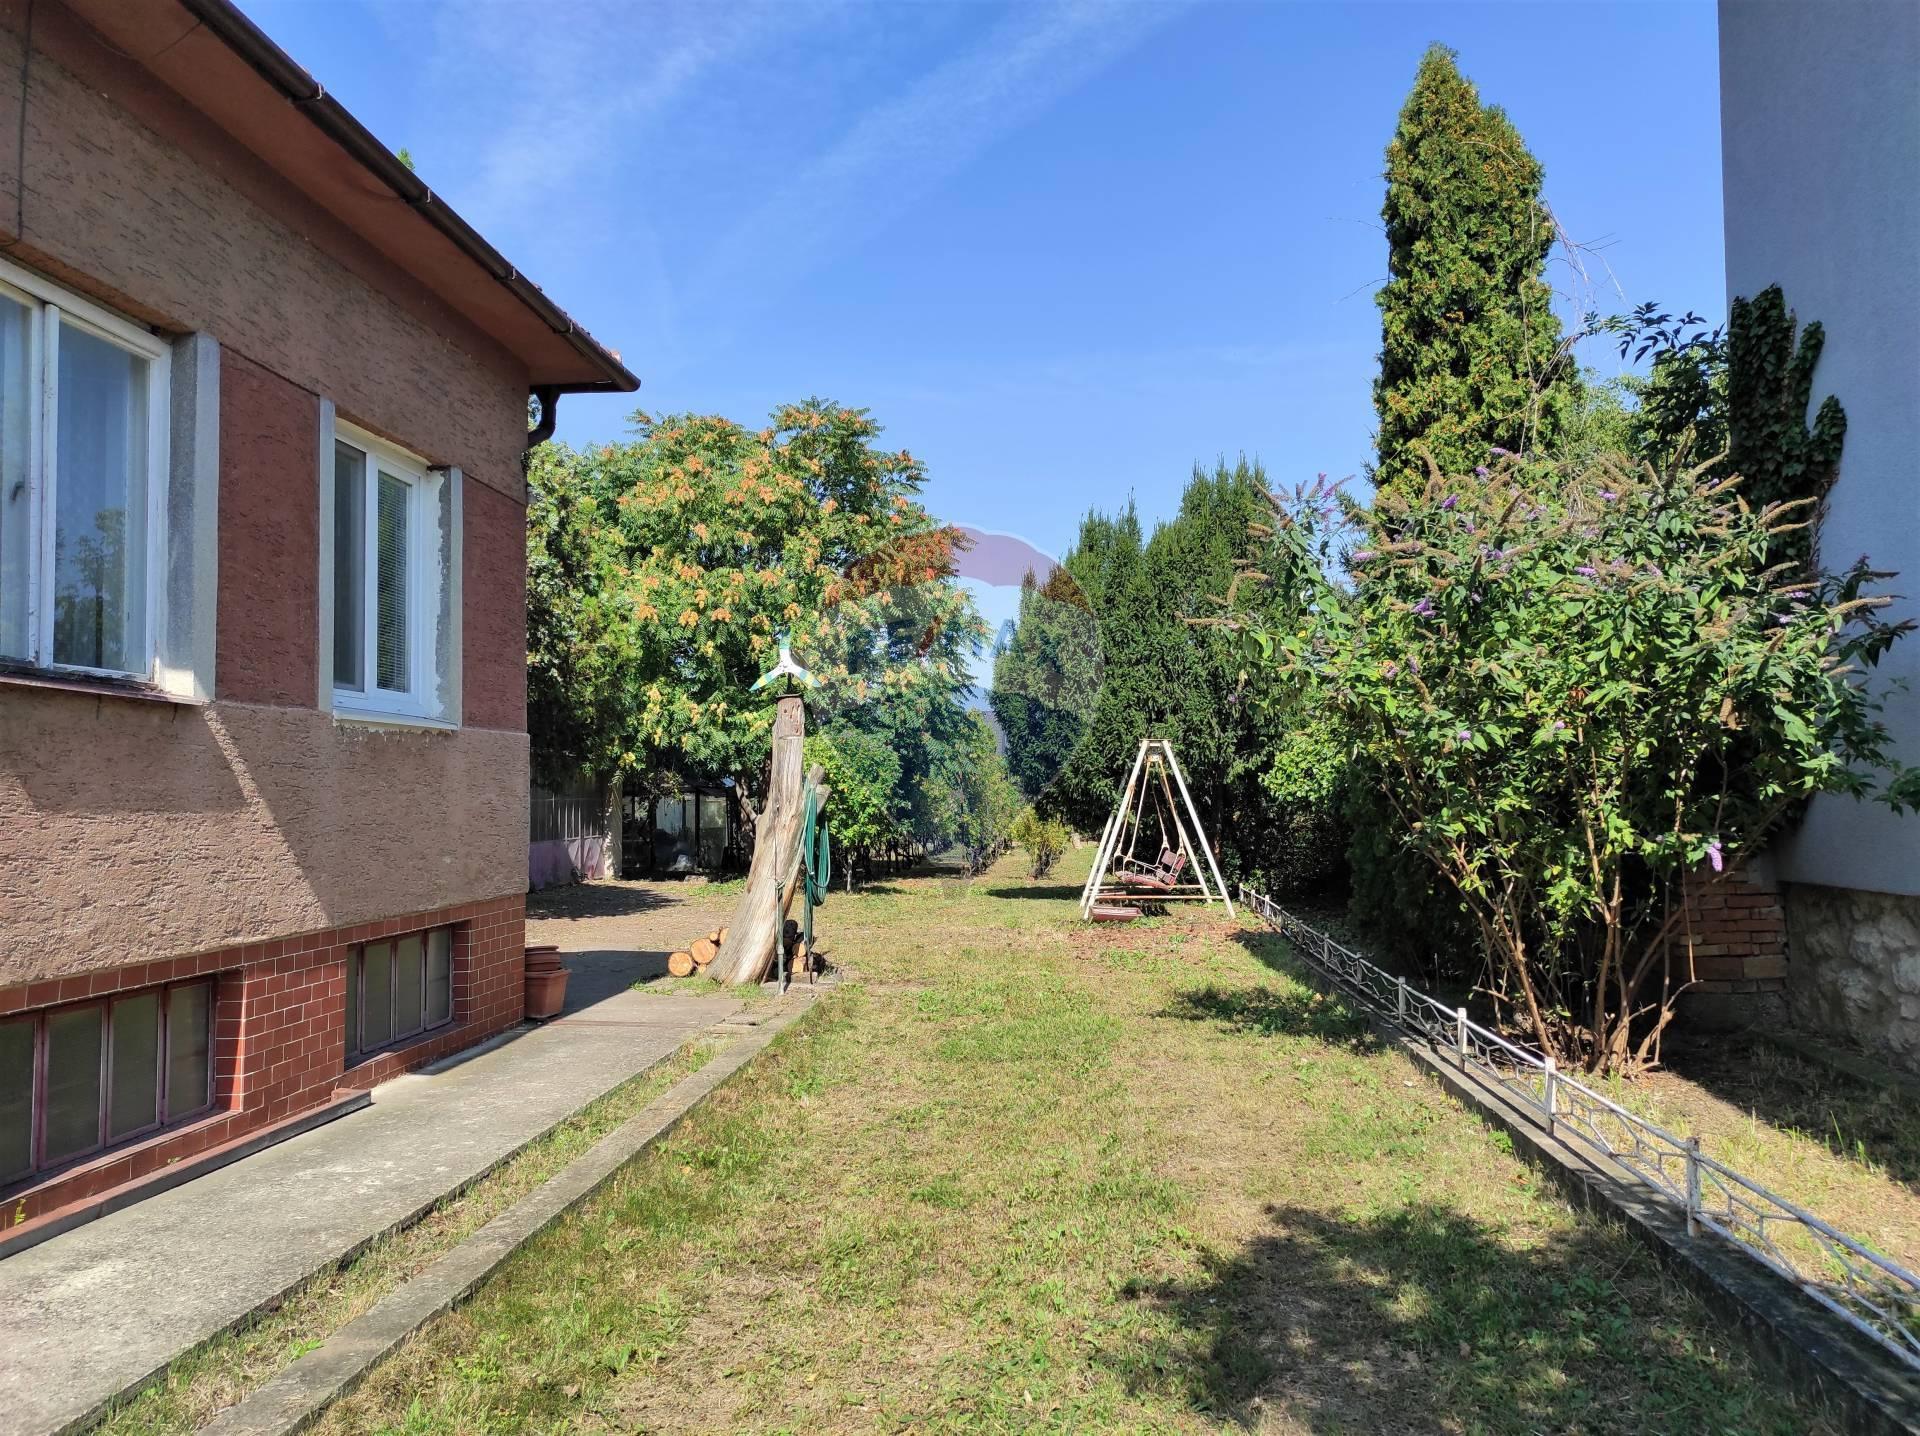 PREDAJ : Rodinný dom- pôvodný stav, pozemok 1031 m2, Letná ul., Senec